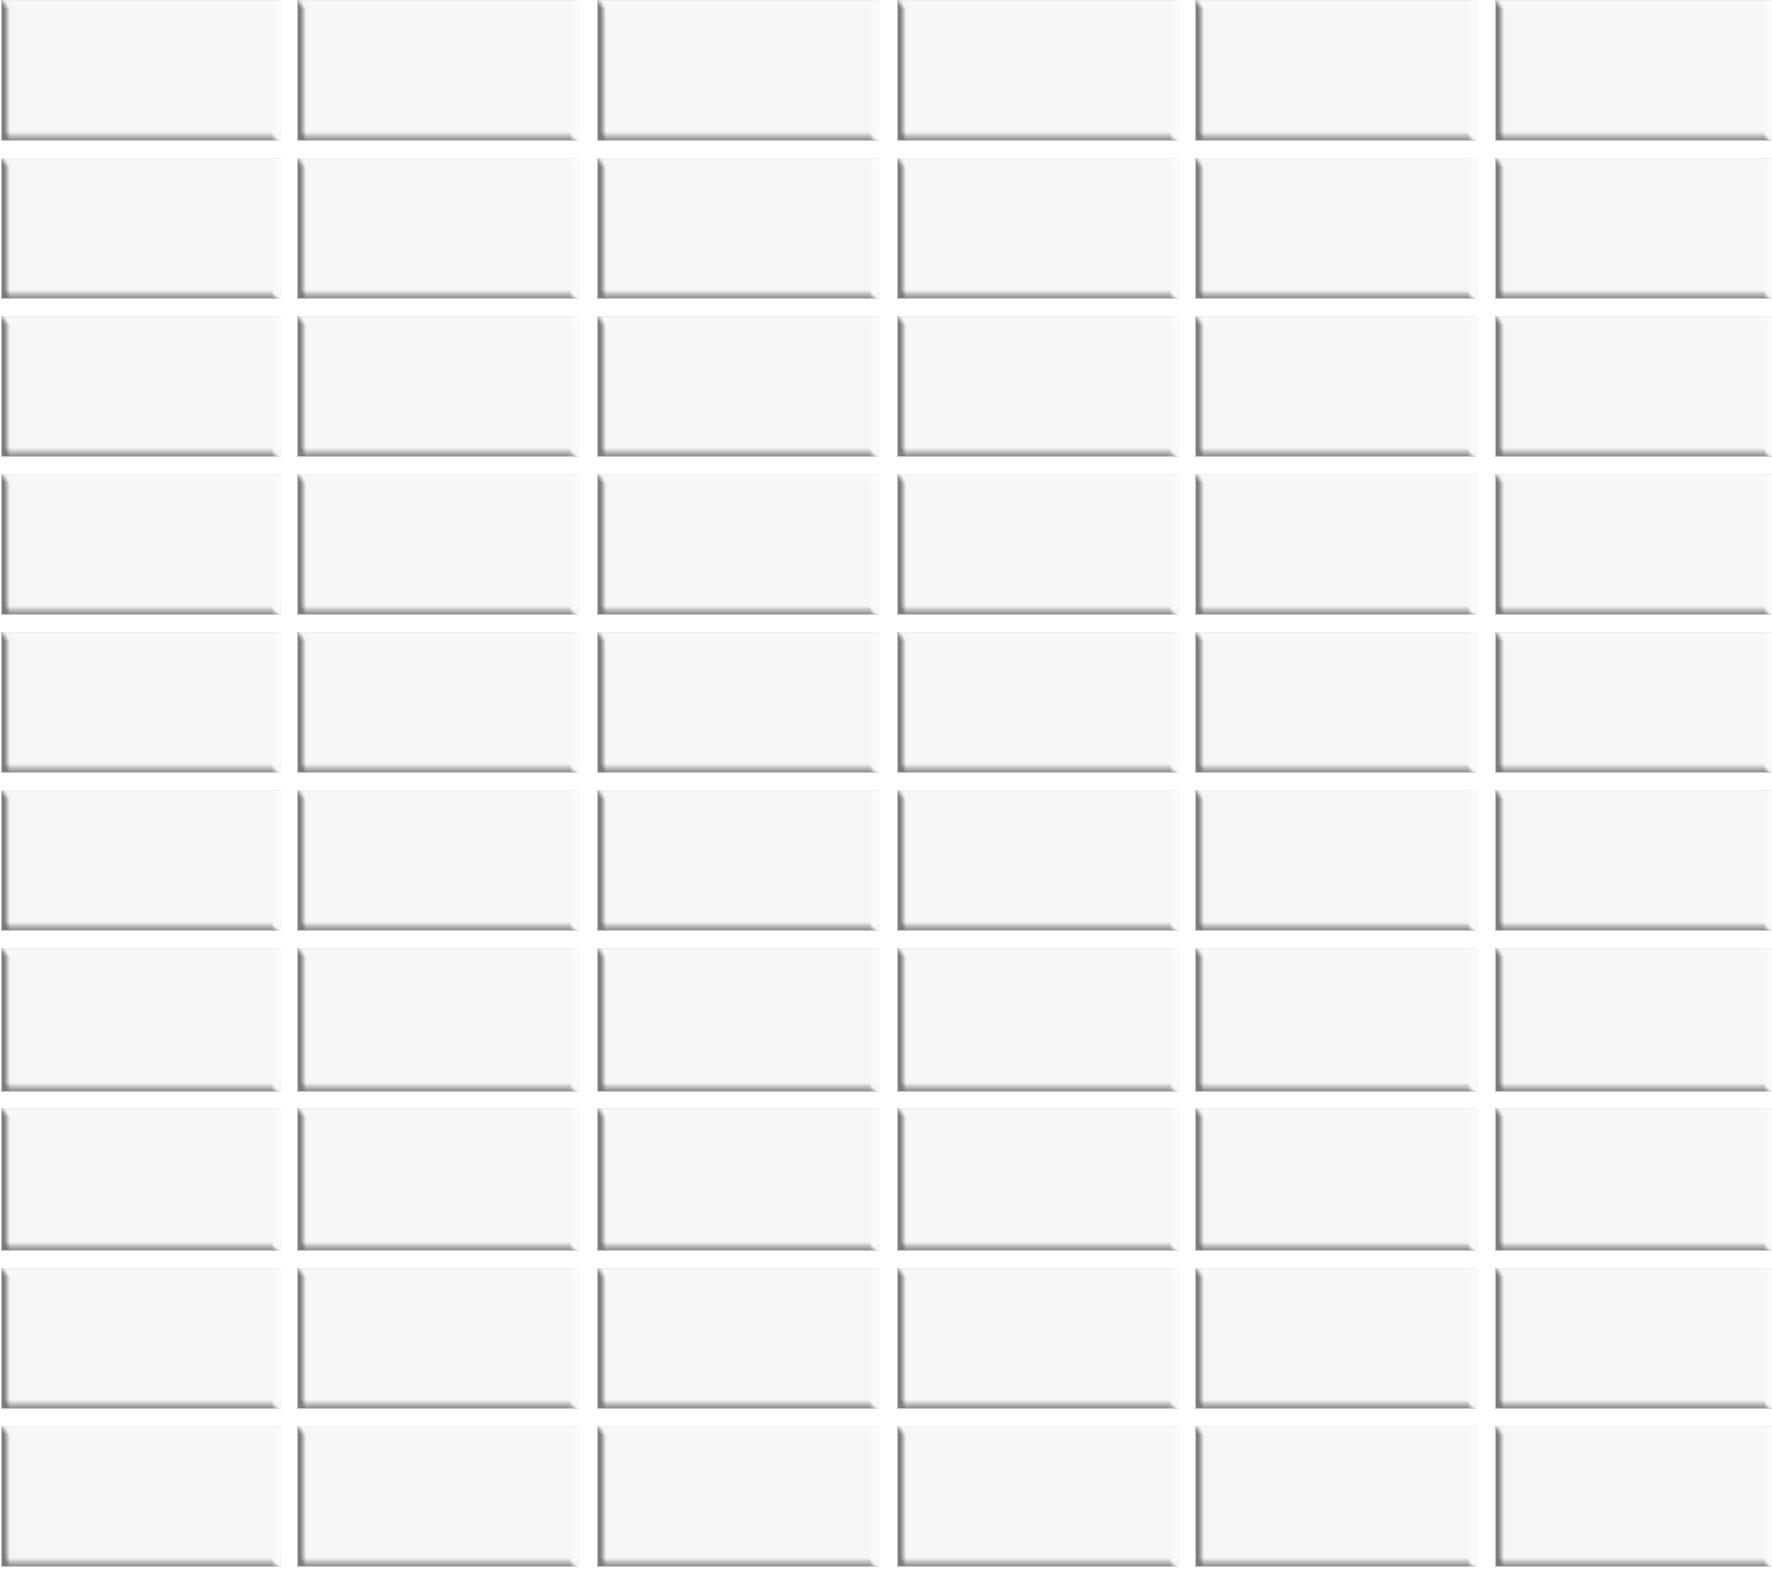 K51727180001VTE0, Miniworx, Valkoinen, mosaiikki,lattia